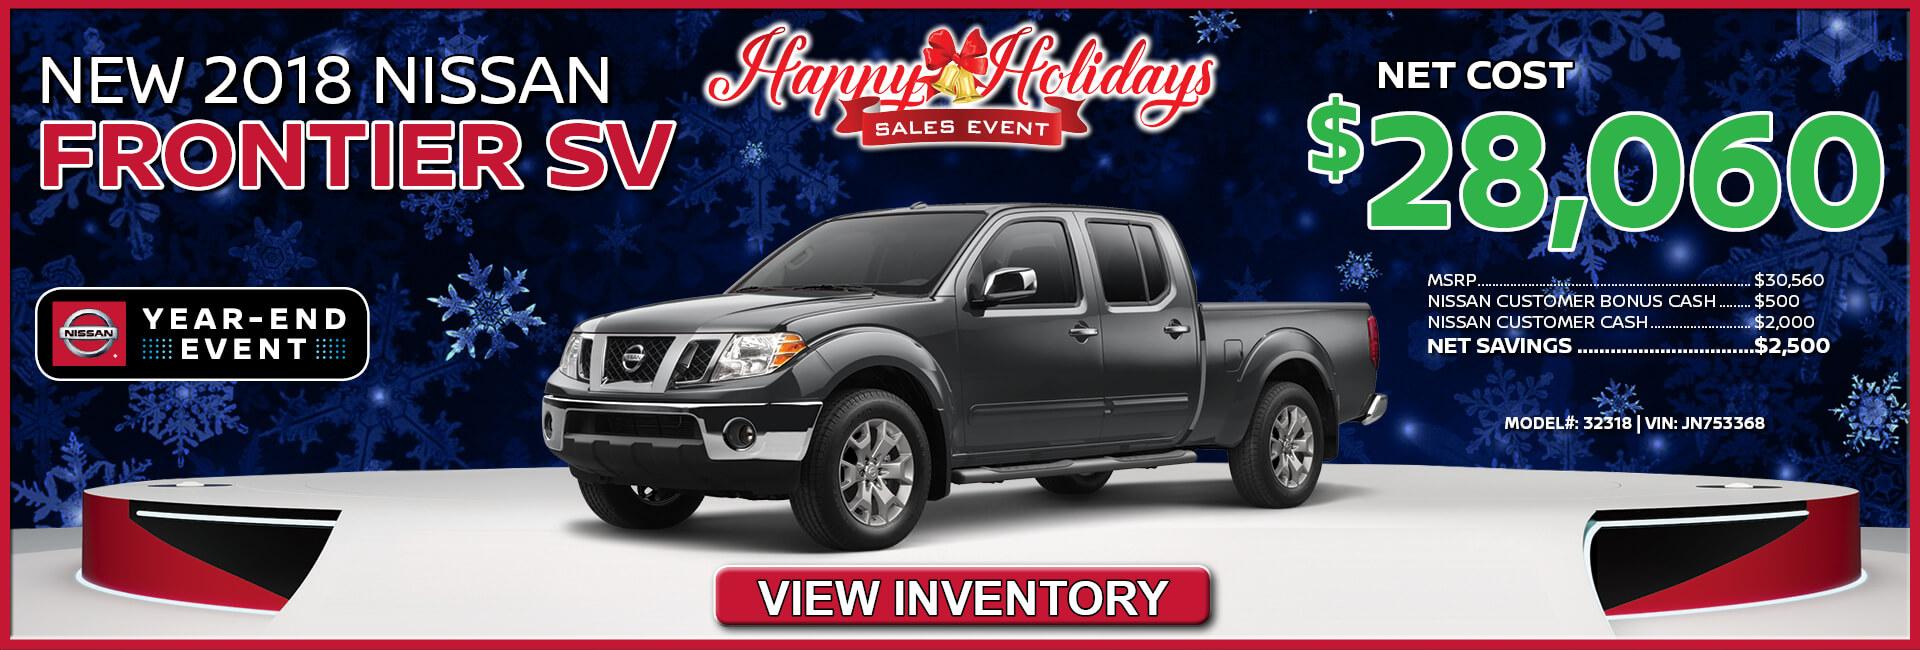 Nissan Frontier $28,060